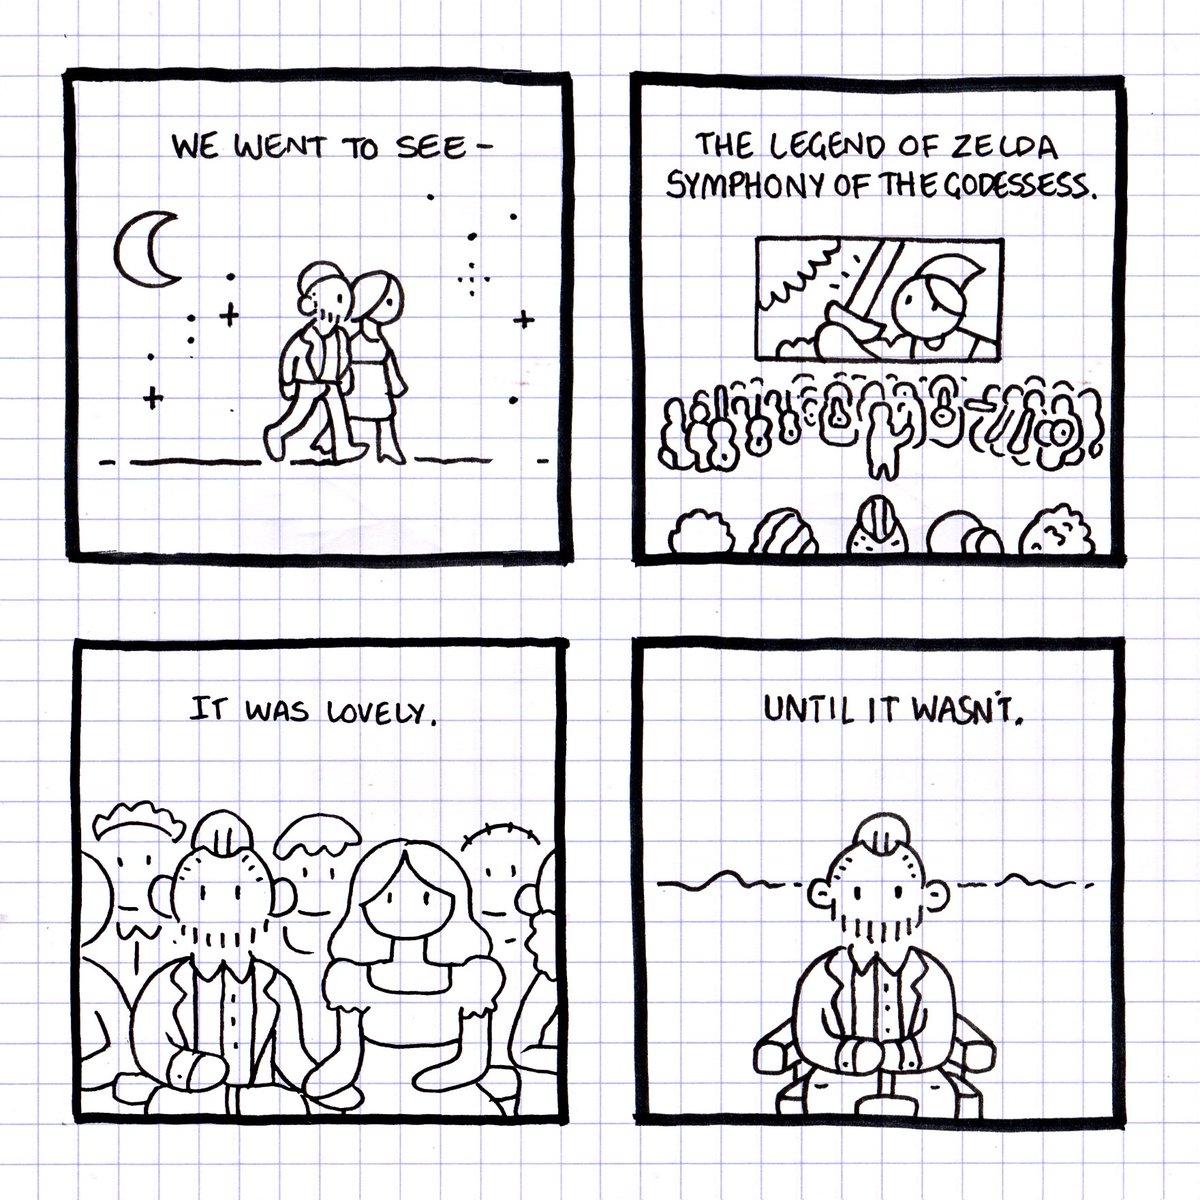 Some comics feelings - 1/3